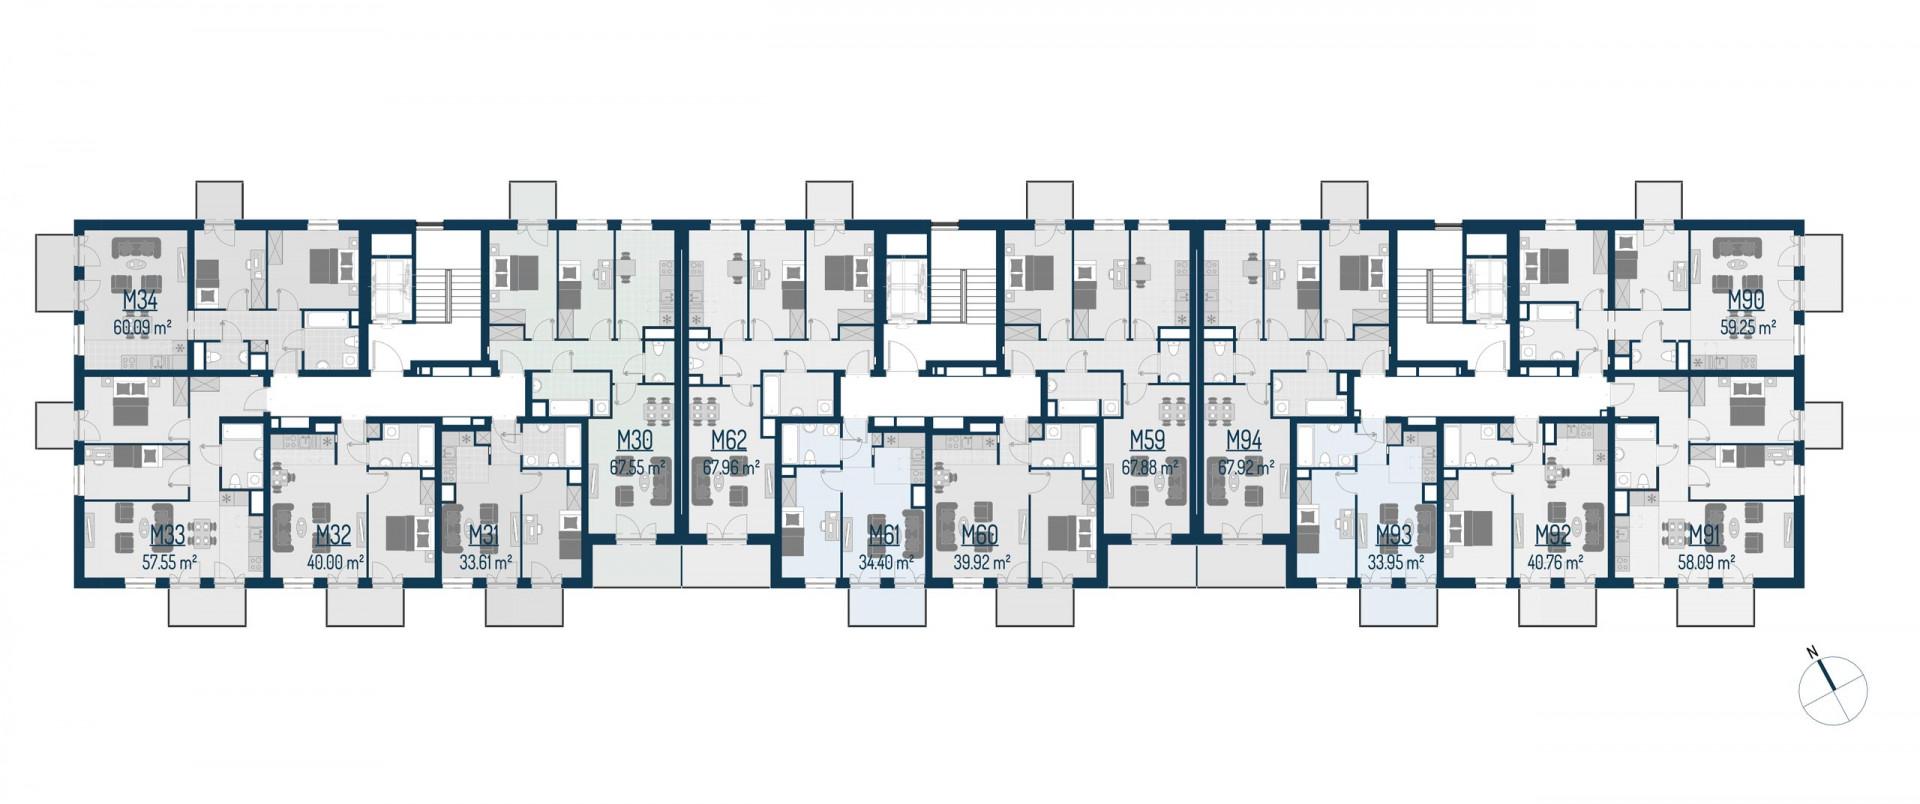 Zdrowe Stylove / budynek 1 / mieszkanie nr M90 rzut 2